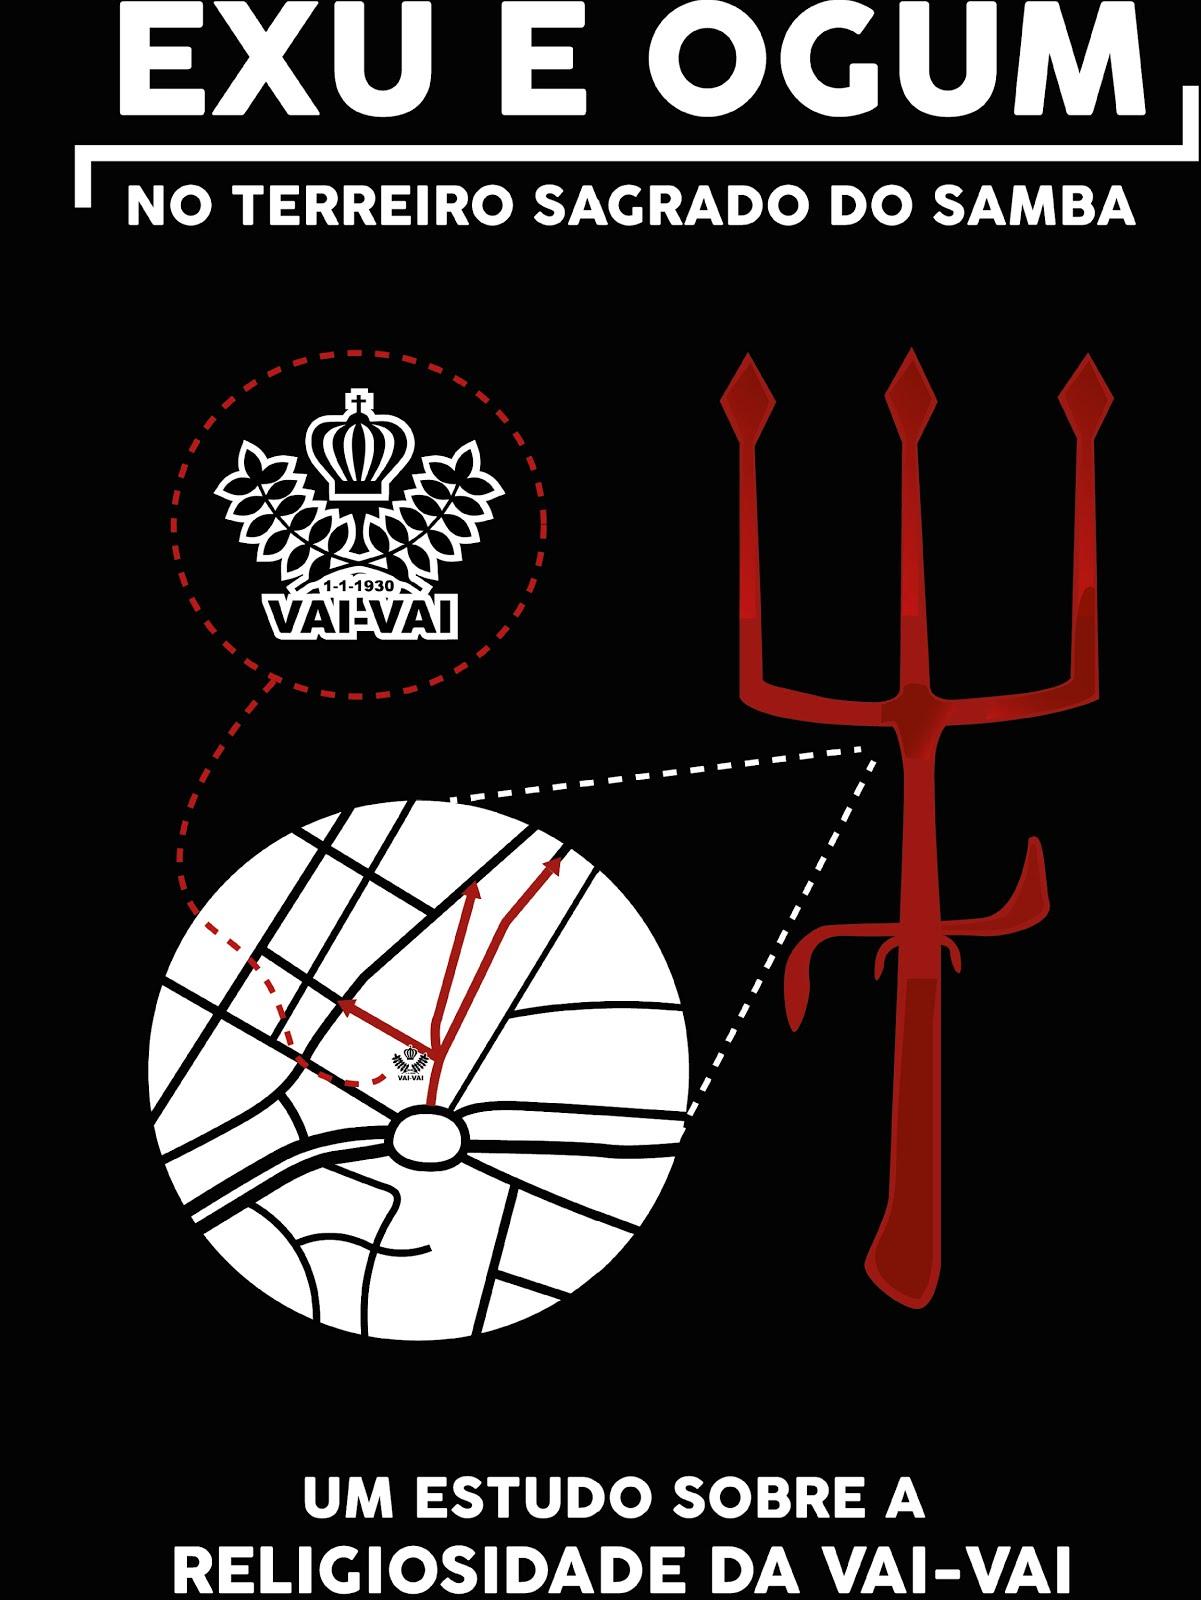 Exu e Ogum no terreiro de samba: um estudo sobre a religiosidade da  Vai-Vai/ foto: Jamil de Odé